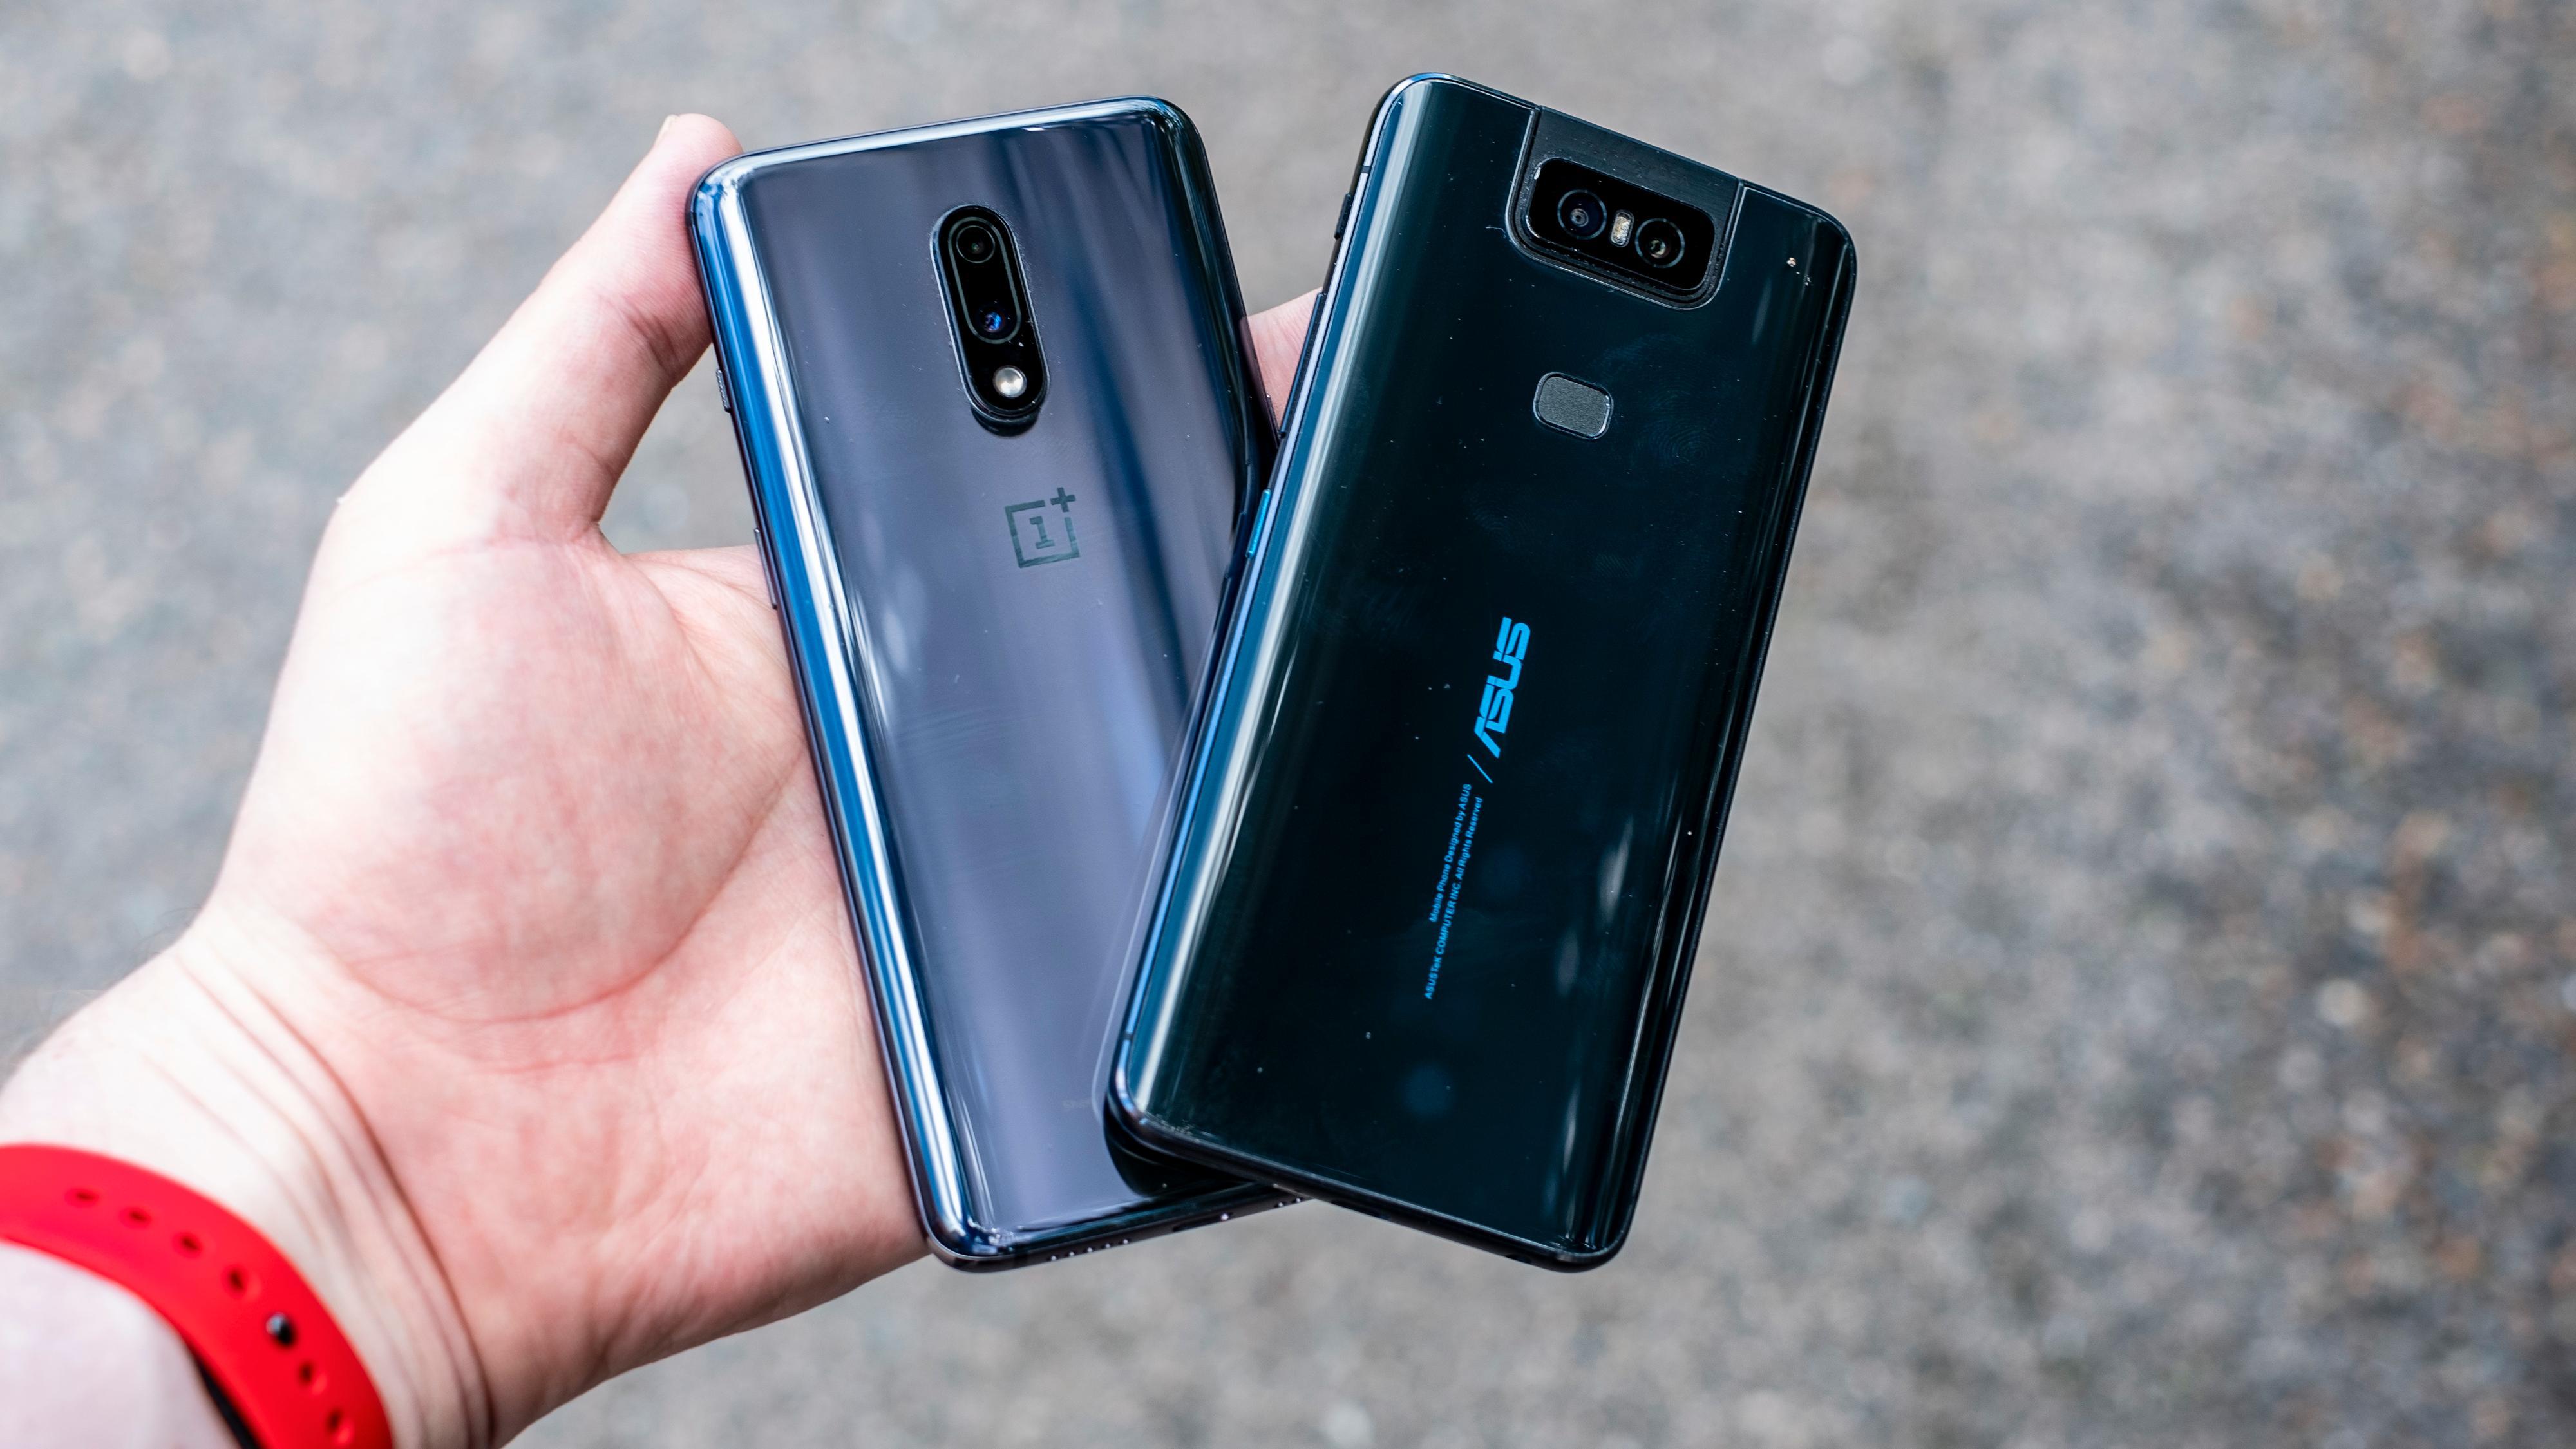 Zenfone 6 ser litt ekstra kraftig ut. Det skyldes nok både det store batteriet og Asus' designfilosofi - designet har små nyanser av ROG-telefondesignet Asus lanserte i fjor.